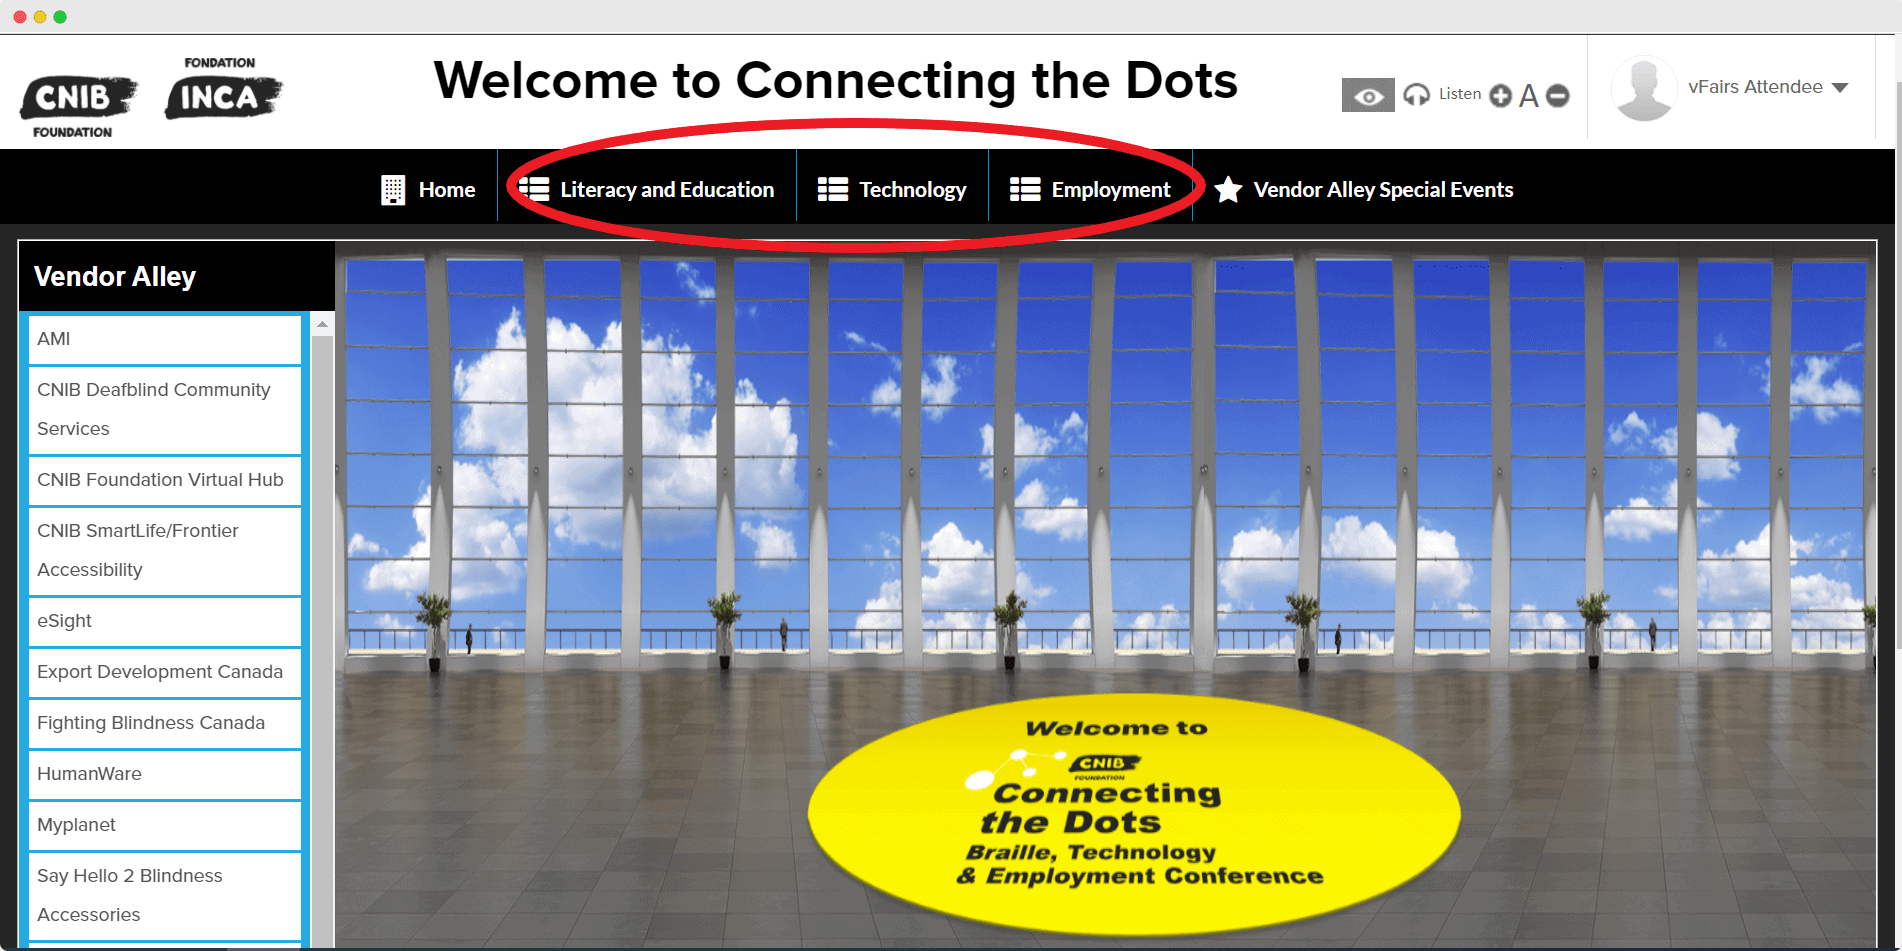 CNIB main event page